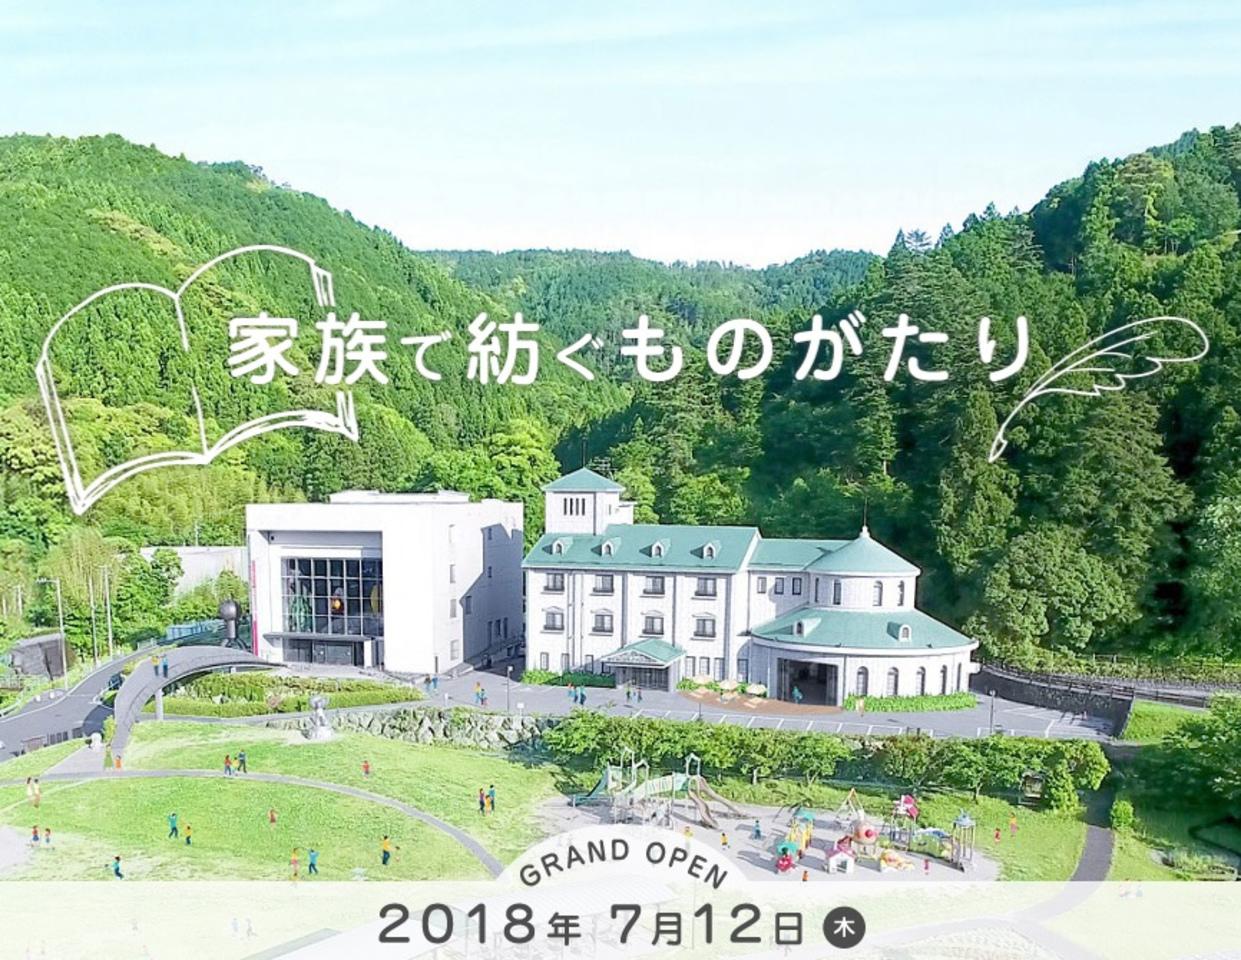 アンパンマンがテーマ「ザ・シックスダイアリーかほくホテルアンドリゾート」7月12日グランドオープン!